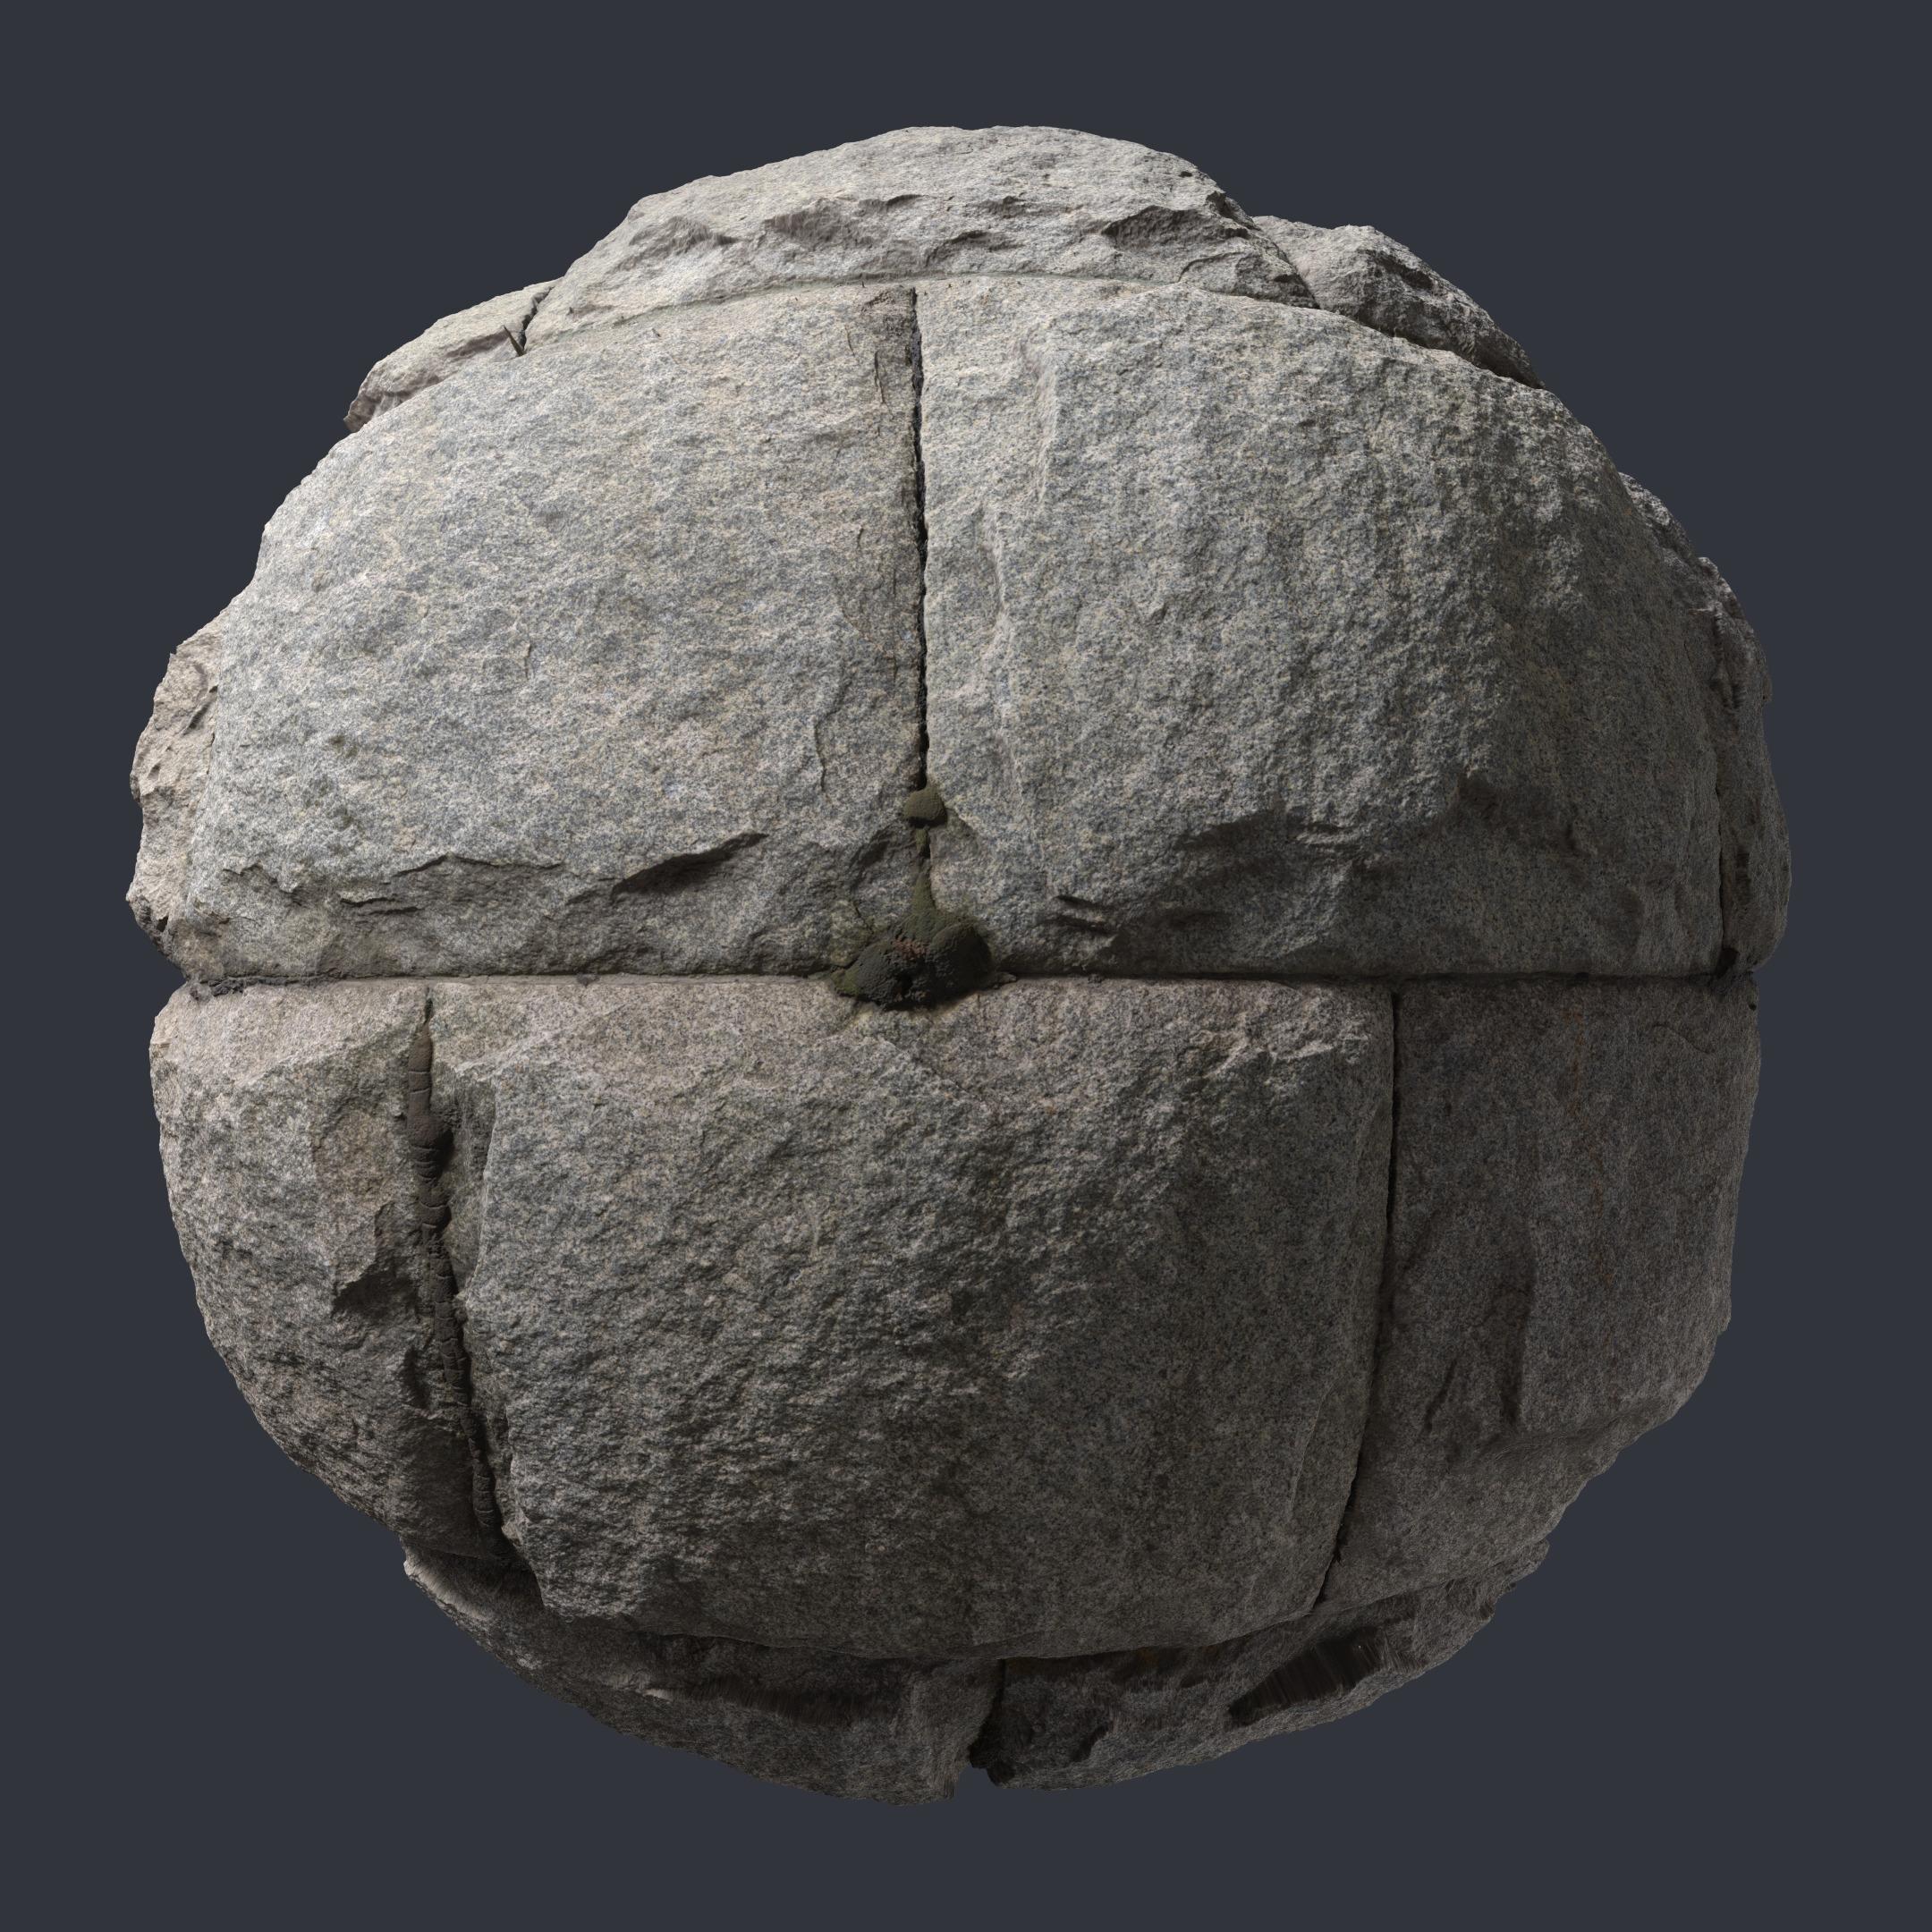 3d Scanned Granite Stone Wall 3x3 Meters